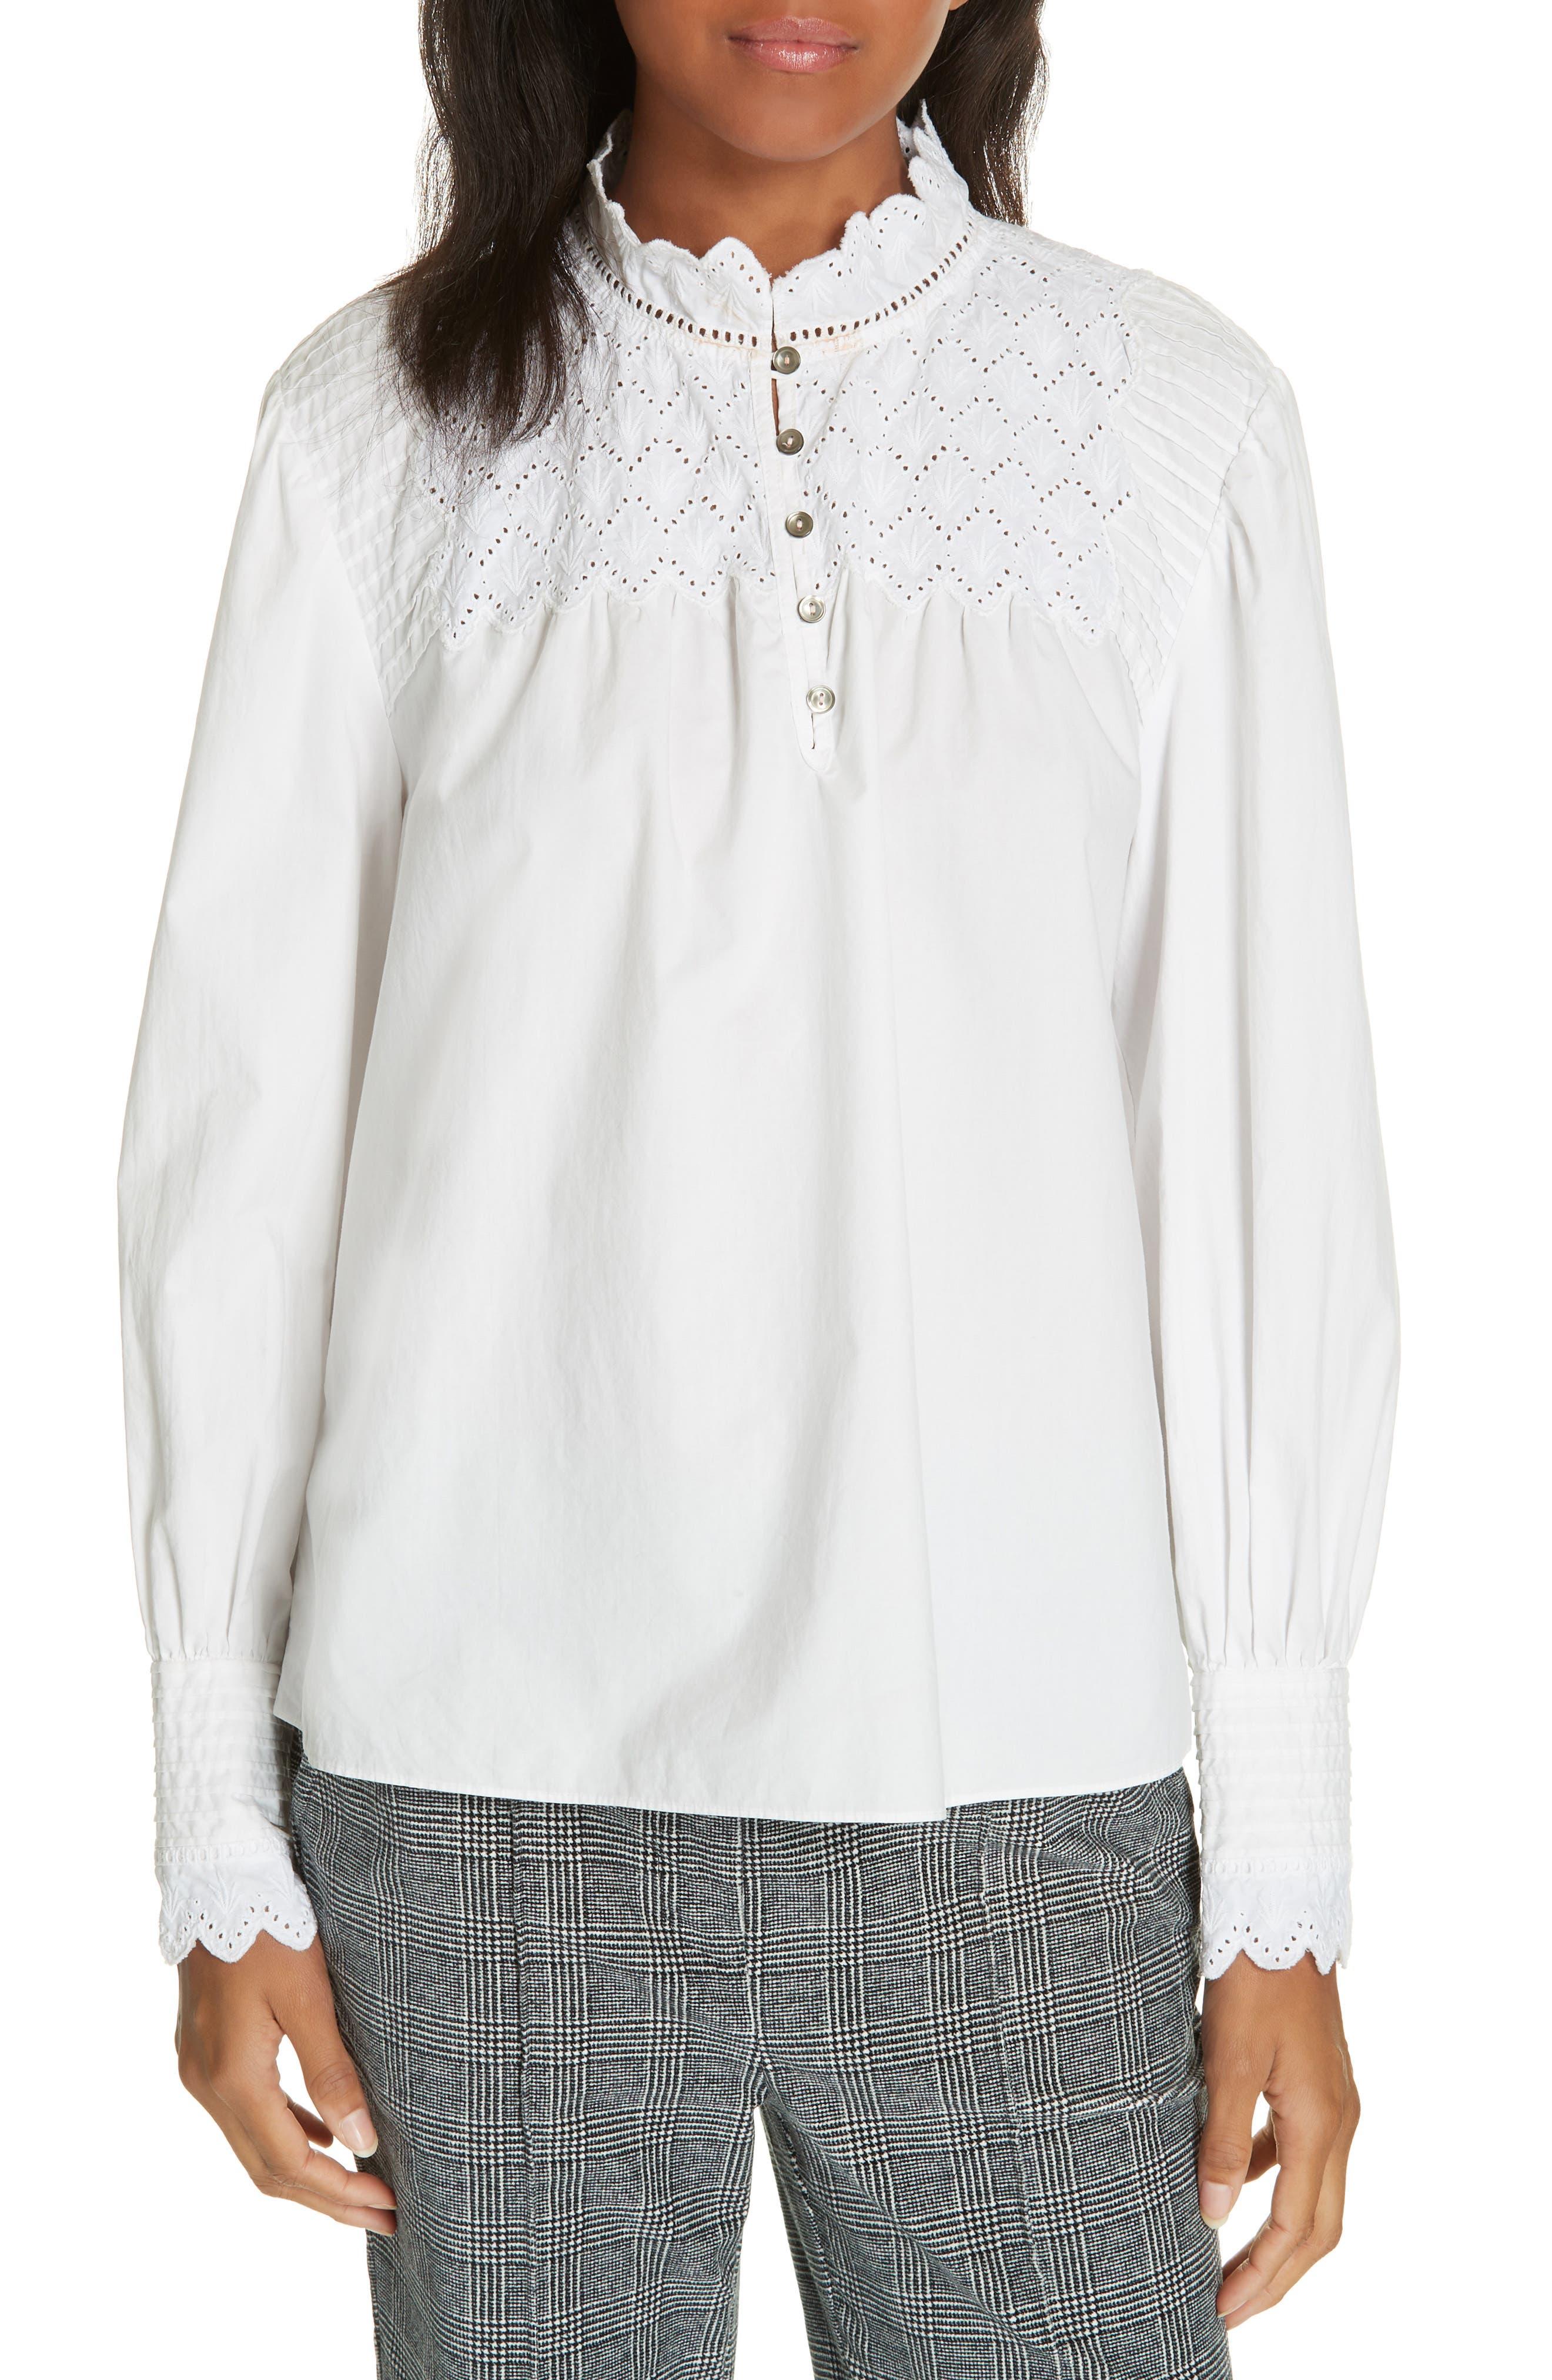 LA VIE REBECCA TAYLOR Embroidered Poplin Shirt in Milk